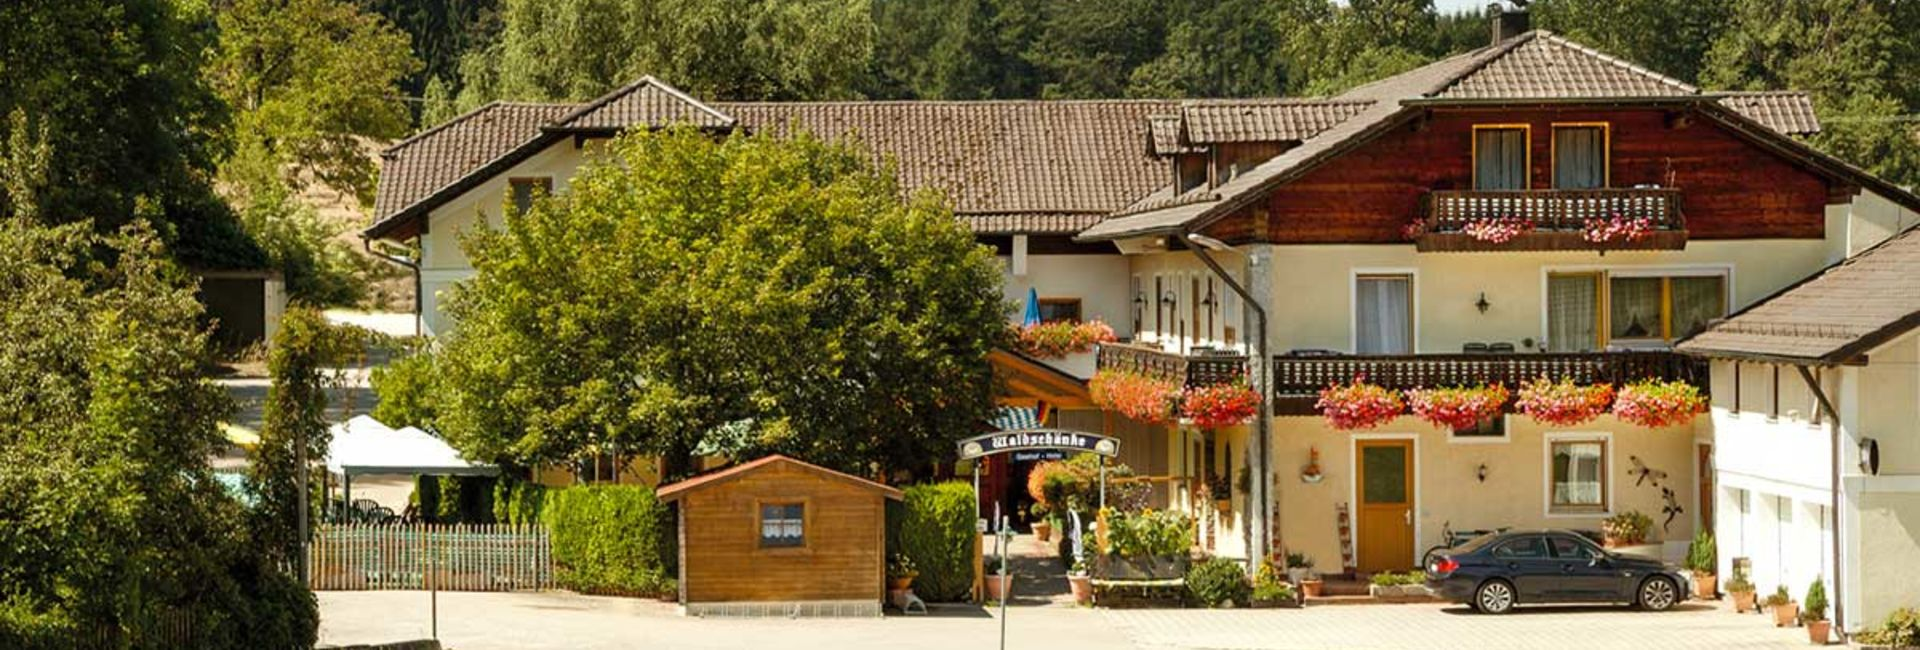 Gasthof Waldschänke Land-gut-Hotel